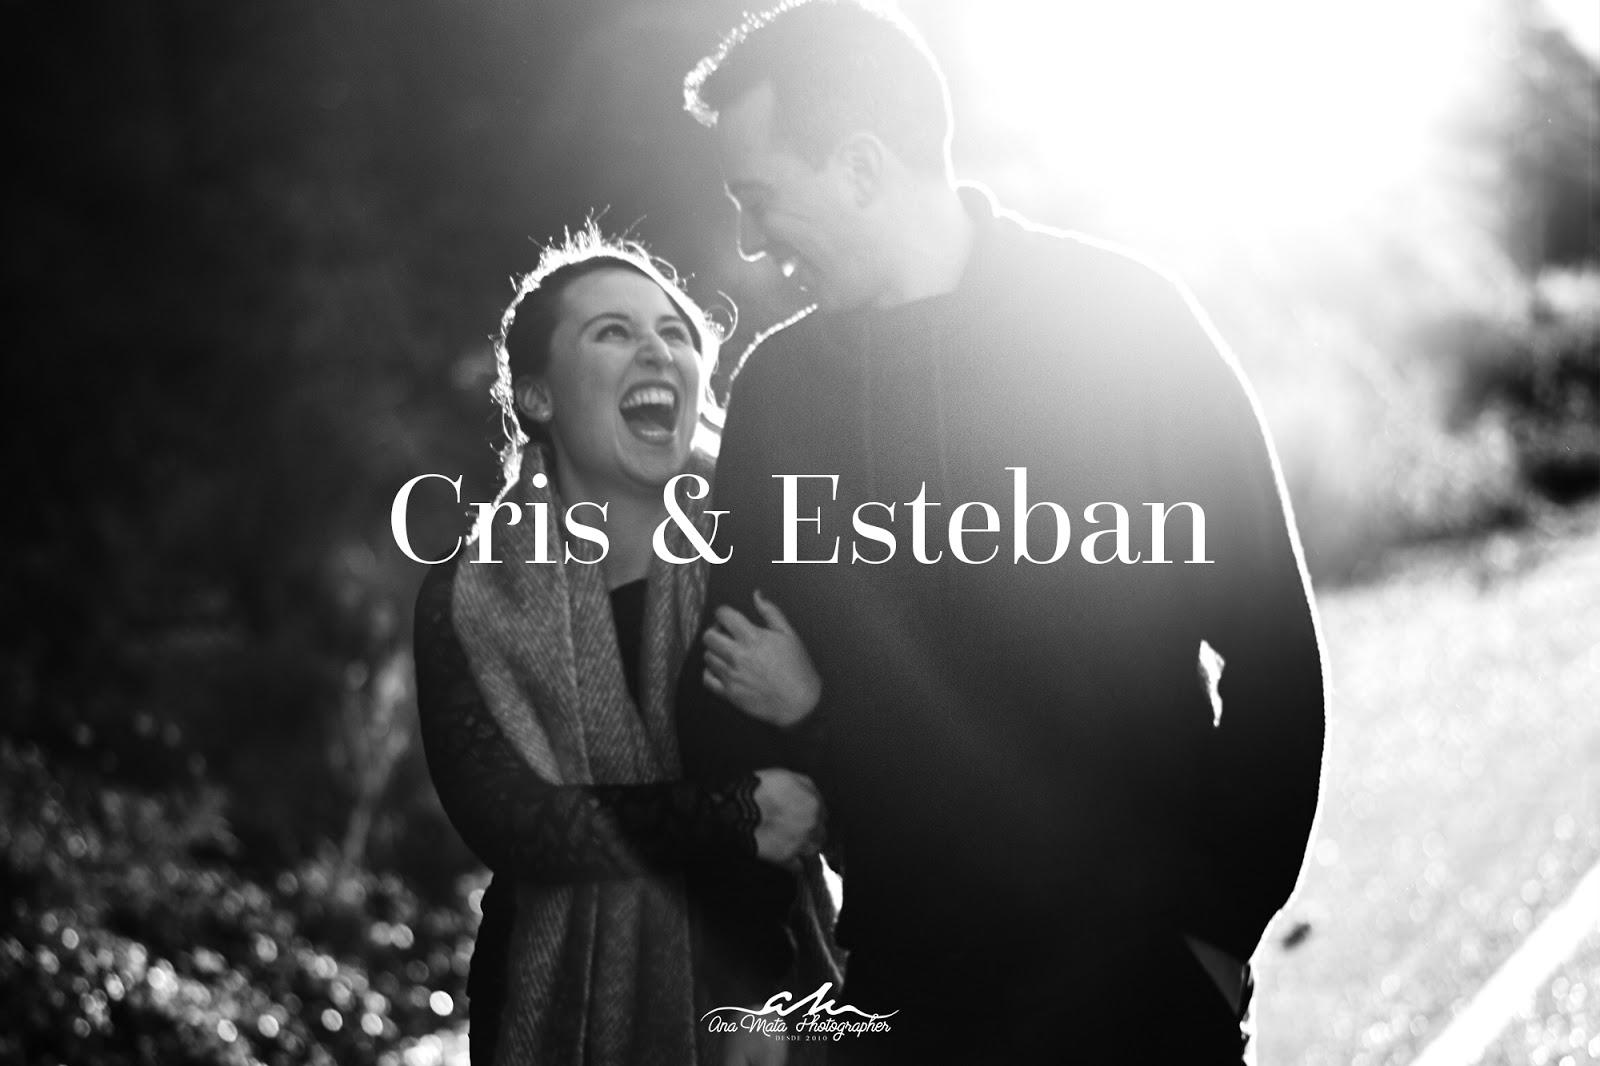 Preboda Cristina & Esteban. Diciembre 2018